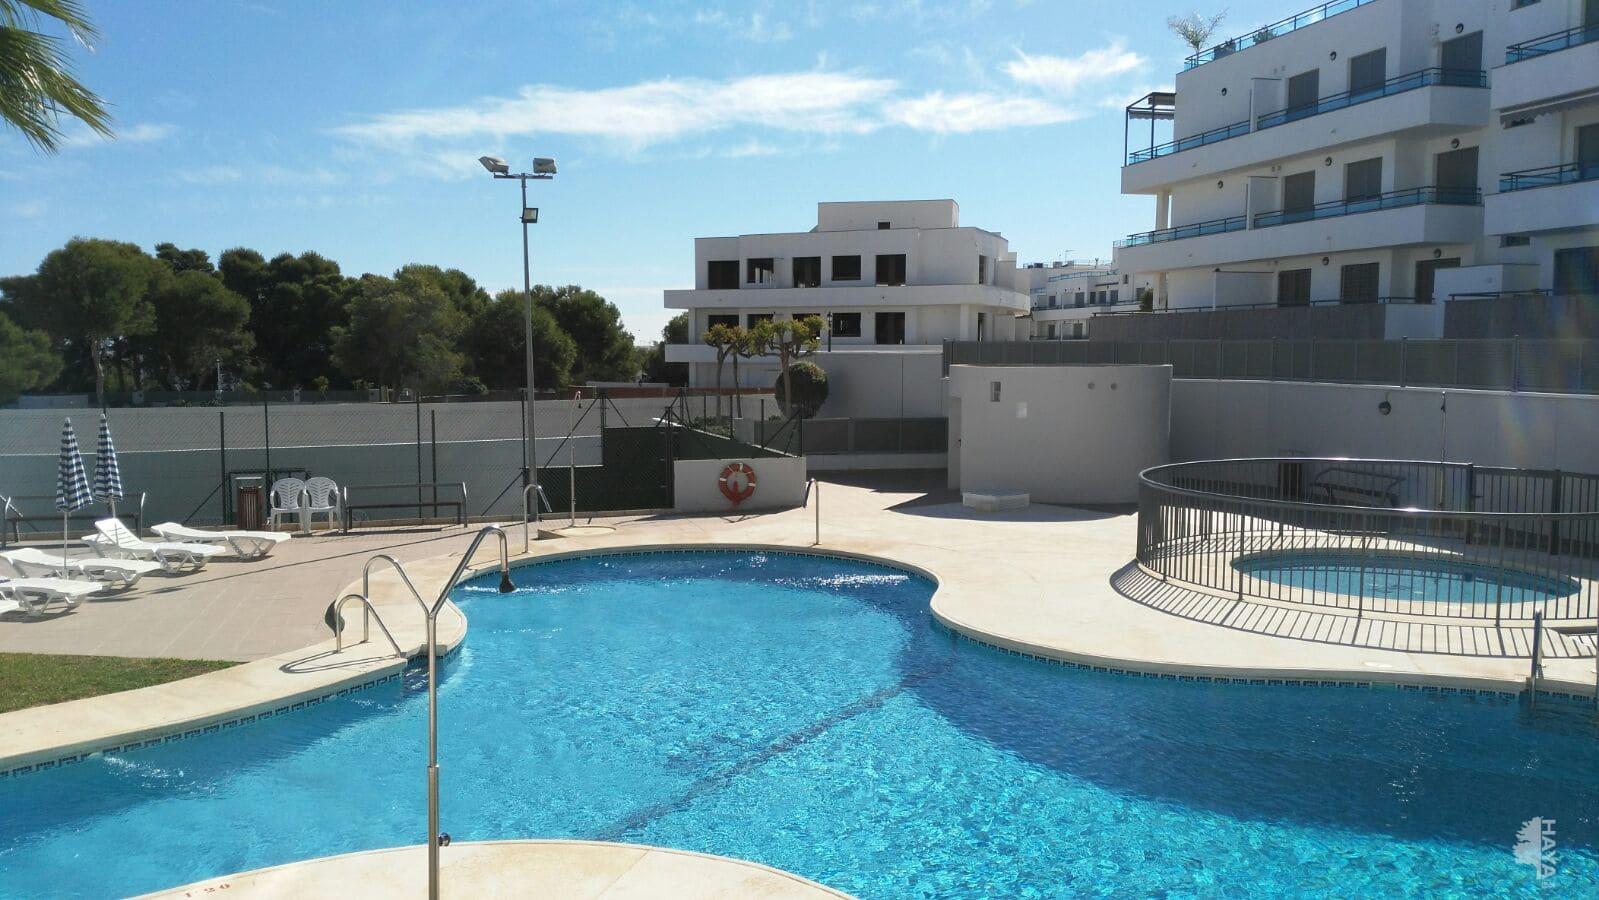 Piso en venta en Garrucha, Almería, Calle Murillo (pinar de Garrucha), B, 98.300 €, 2 habitaciones, 2 baños, 71 m2